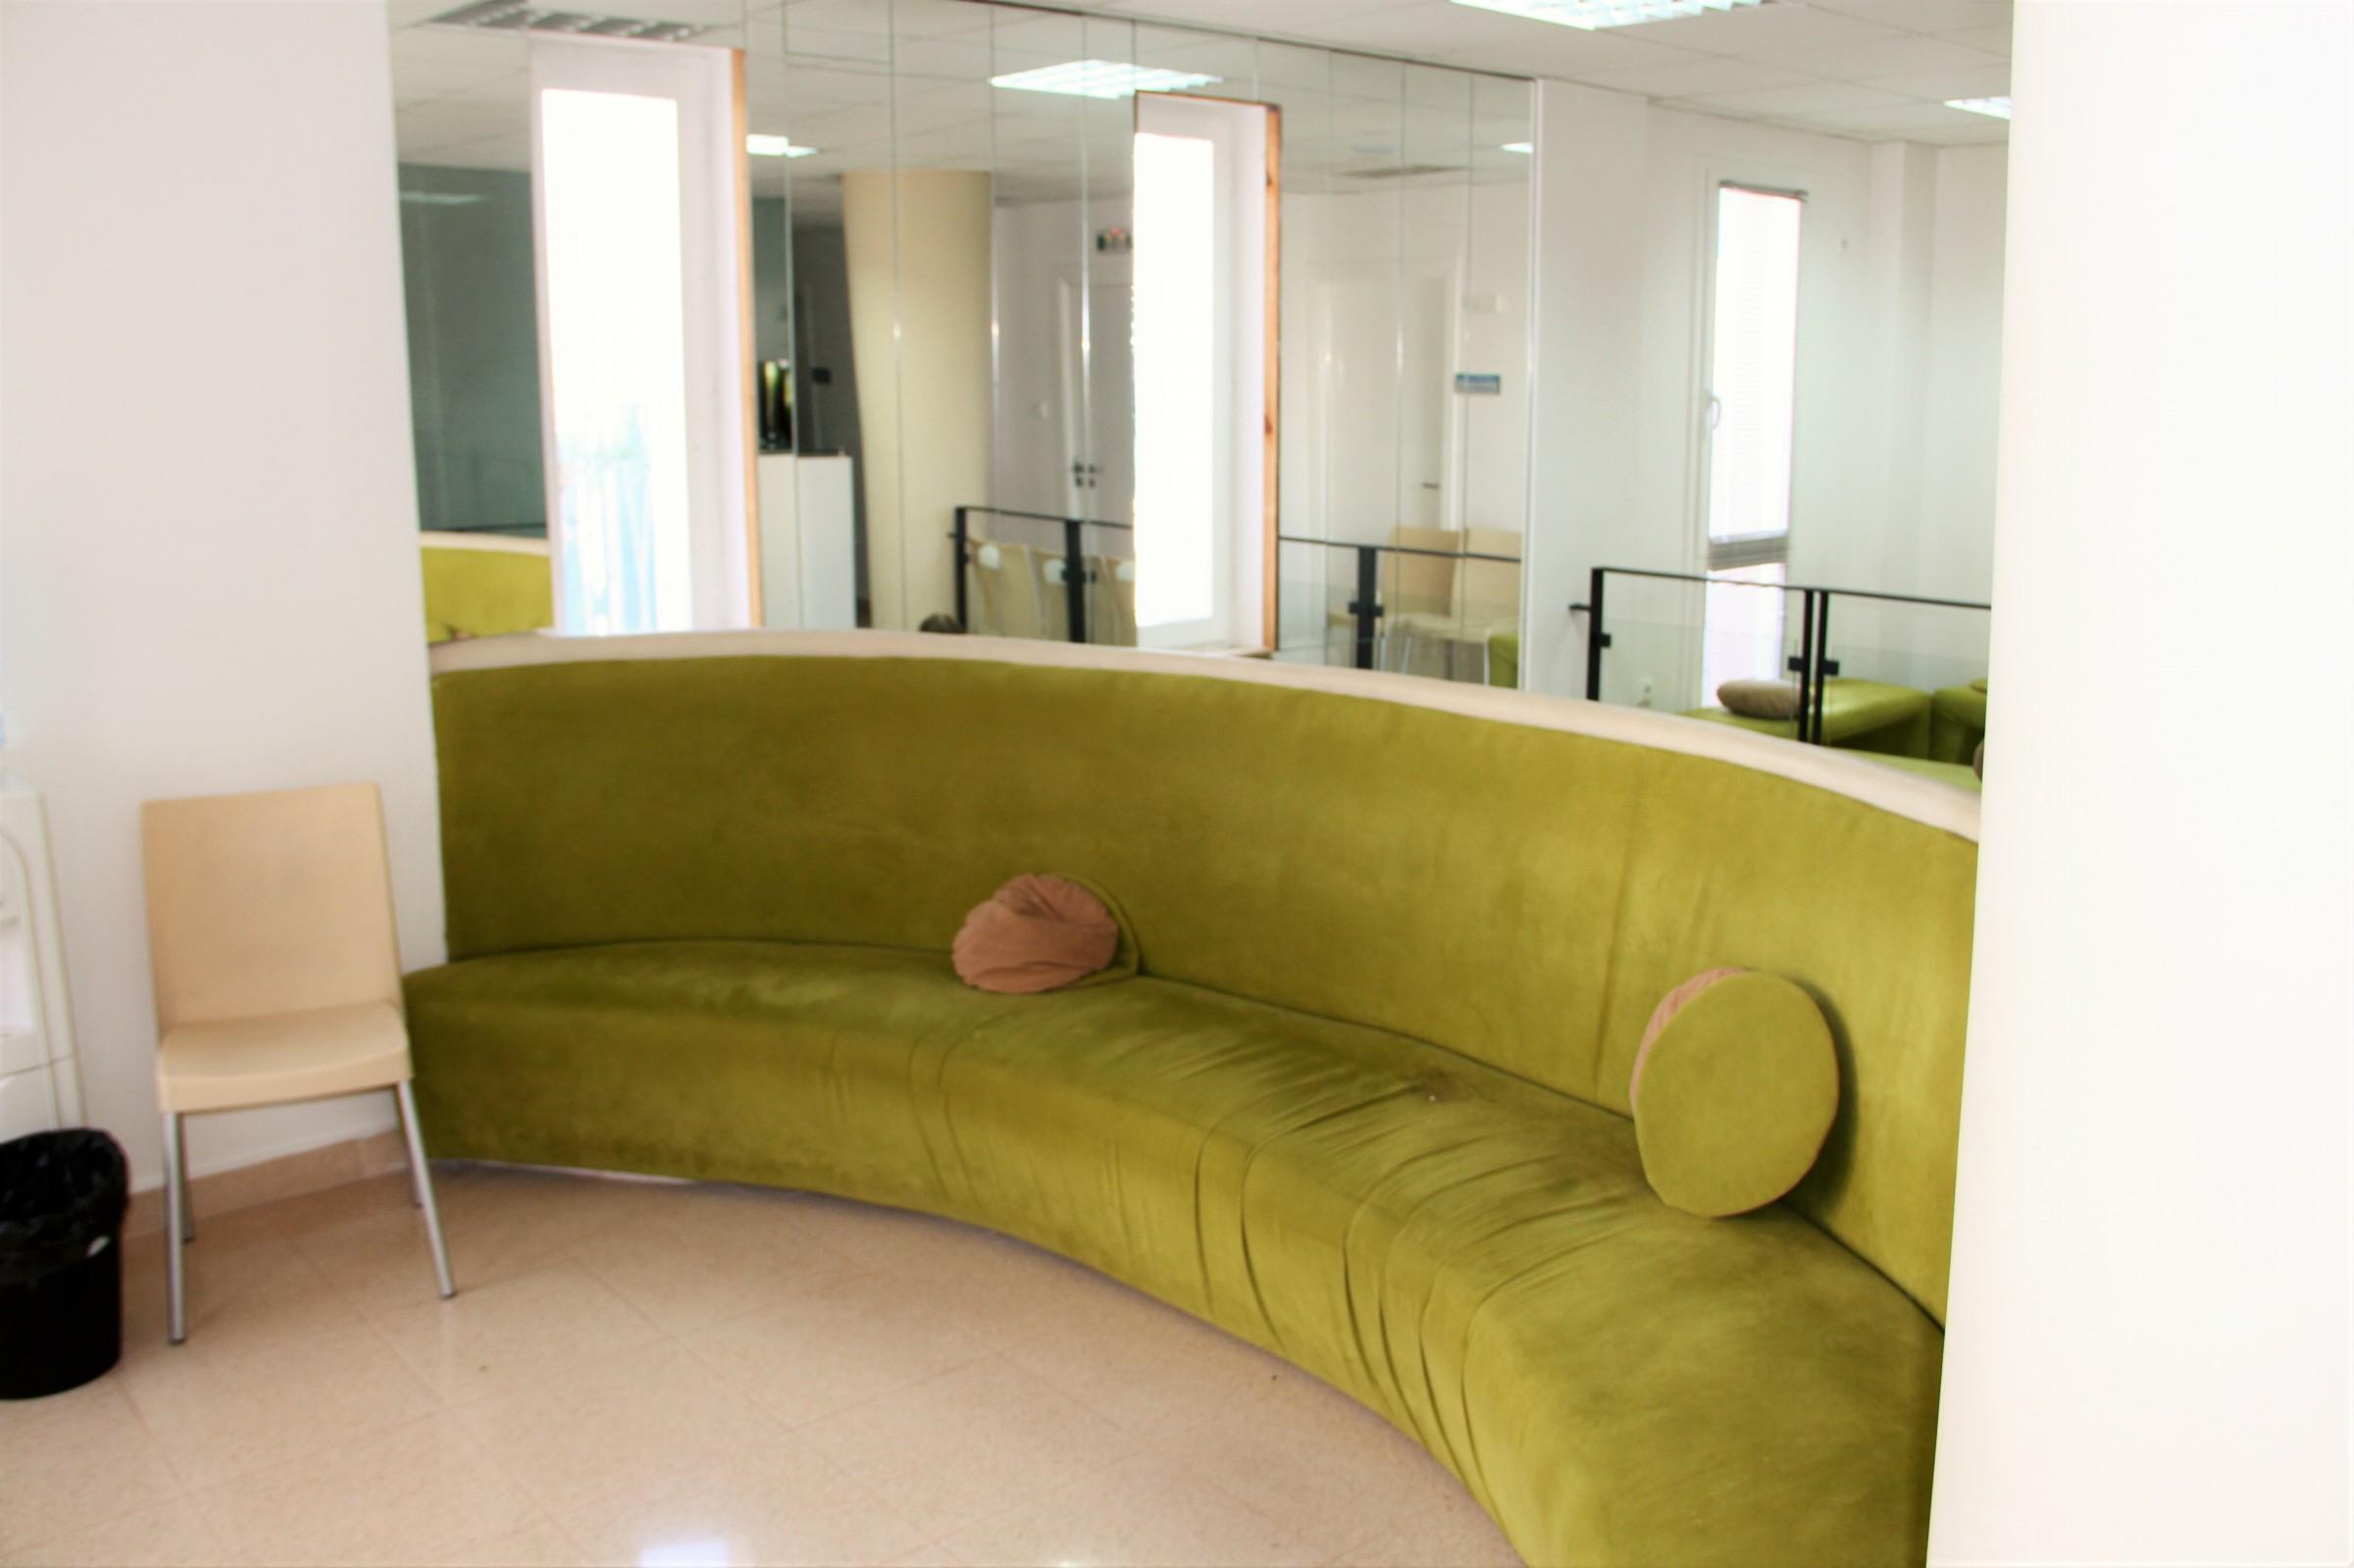 salle d'attente Clinique fécondation in-vitro Tiziri Alger. Atelier Messaoudi architecture aménagement et design. Bureau d'étude Algérie.